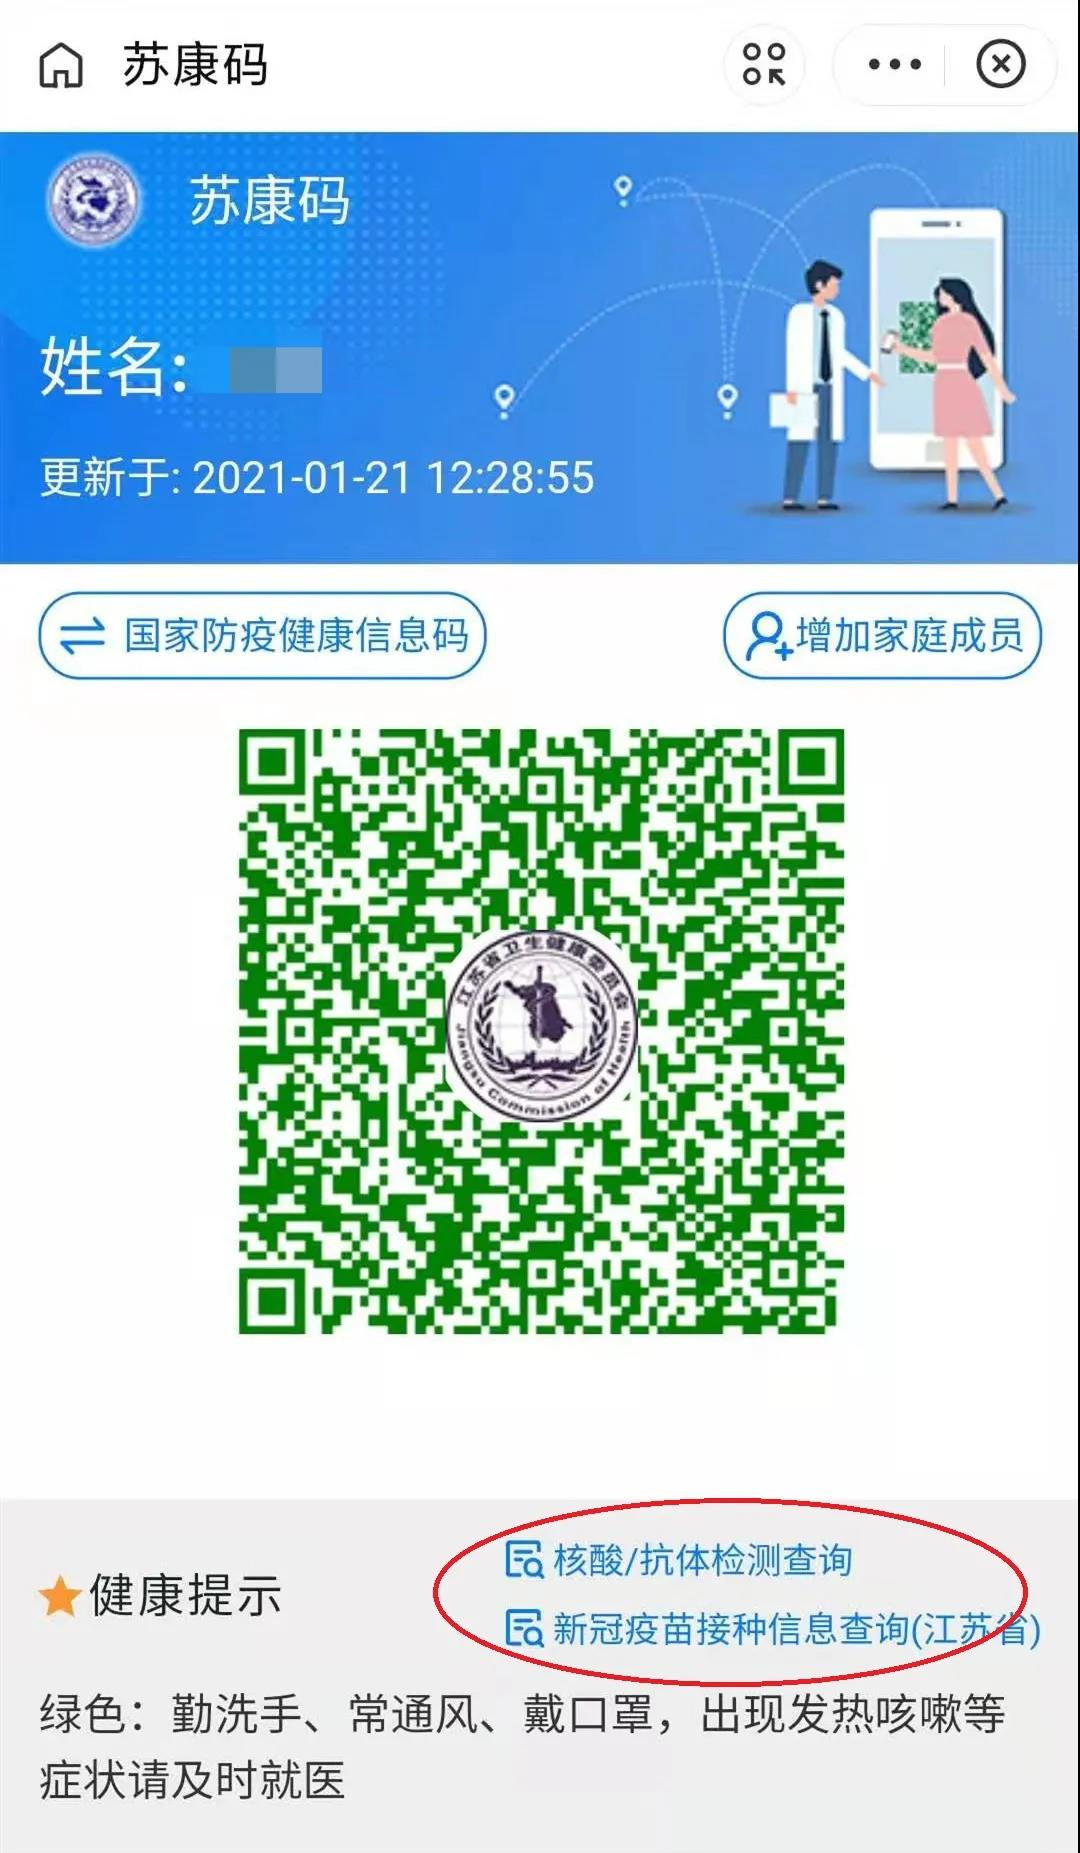 微信图片_20210130191034.jpg